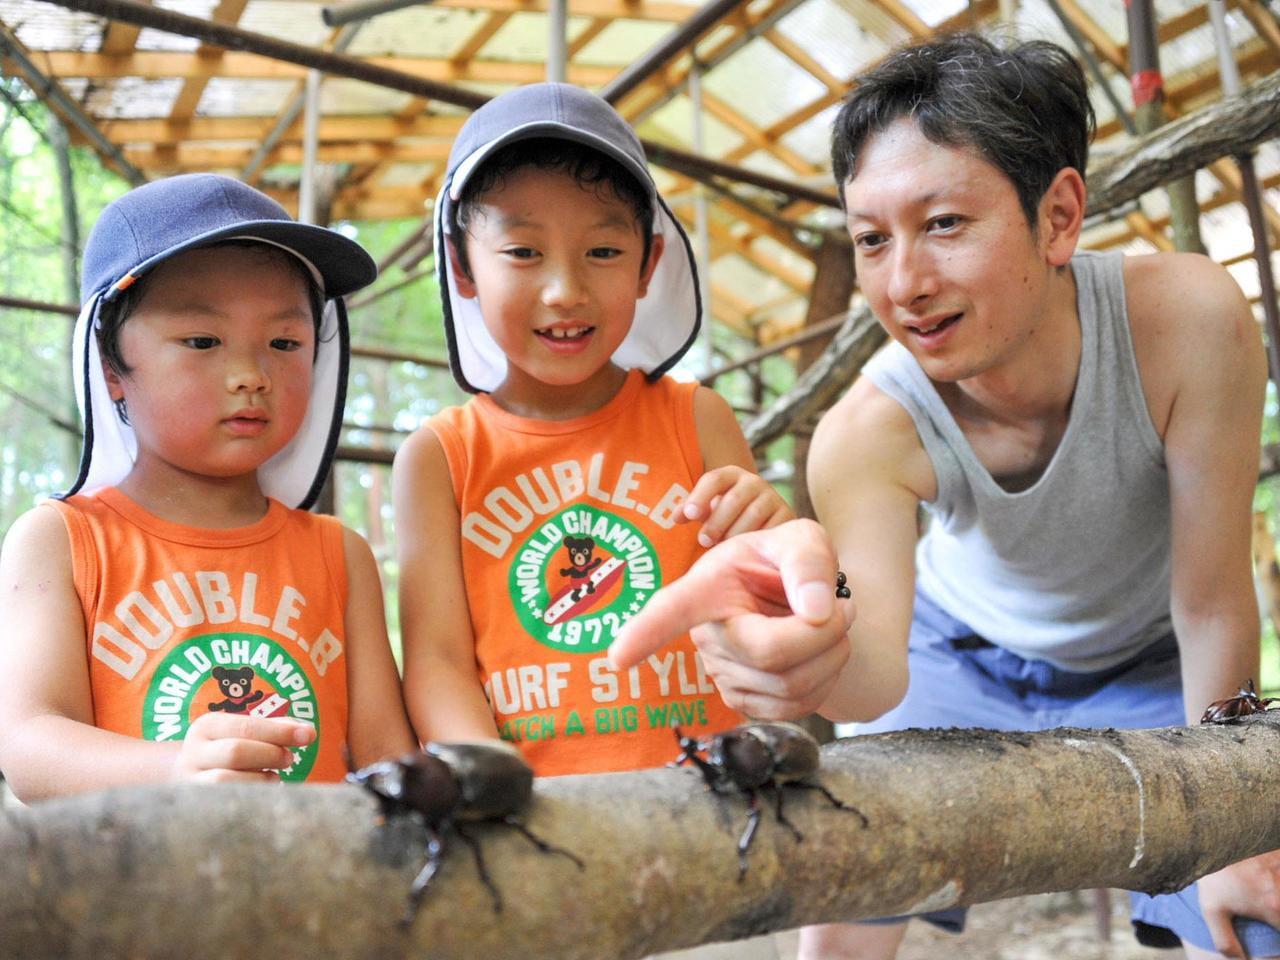 【関西 兵庫】昆虫と遊ぼう!見て触れて学べる昆虫館5選 最新イベント・休館情報も